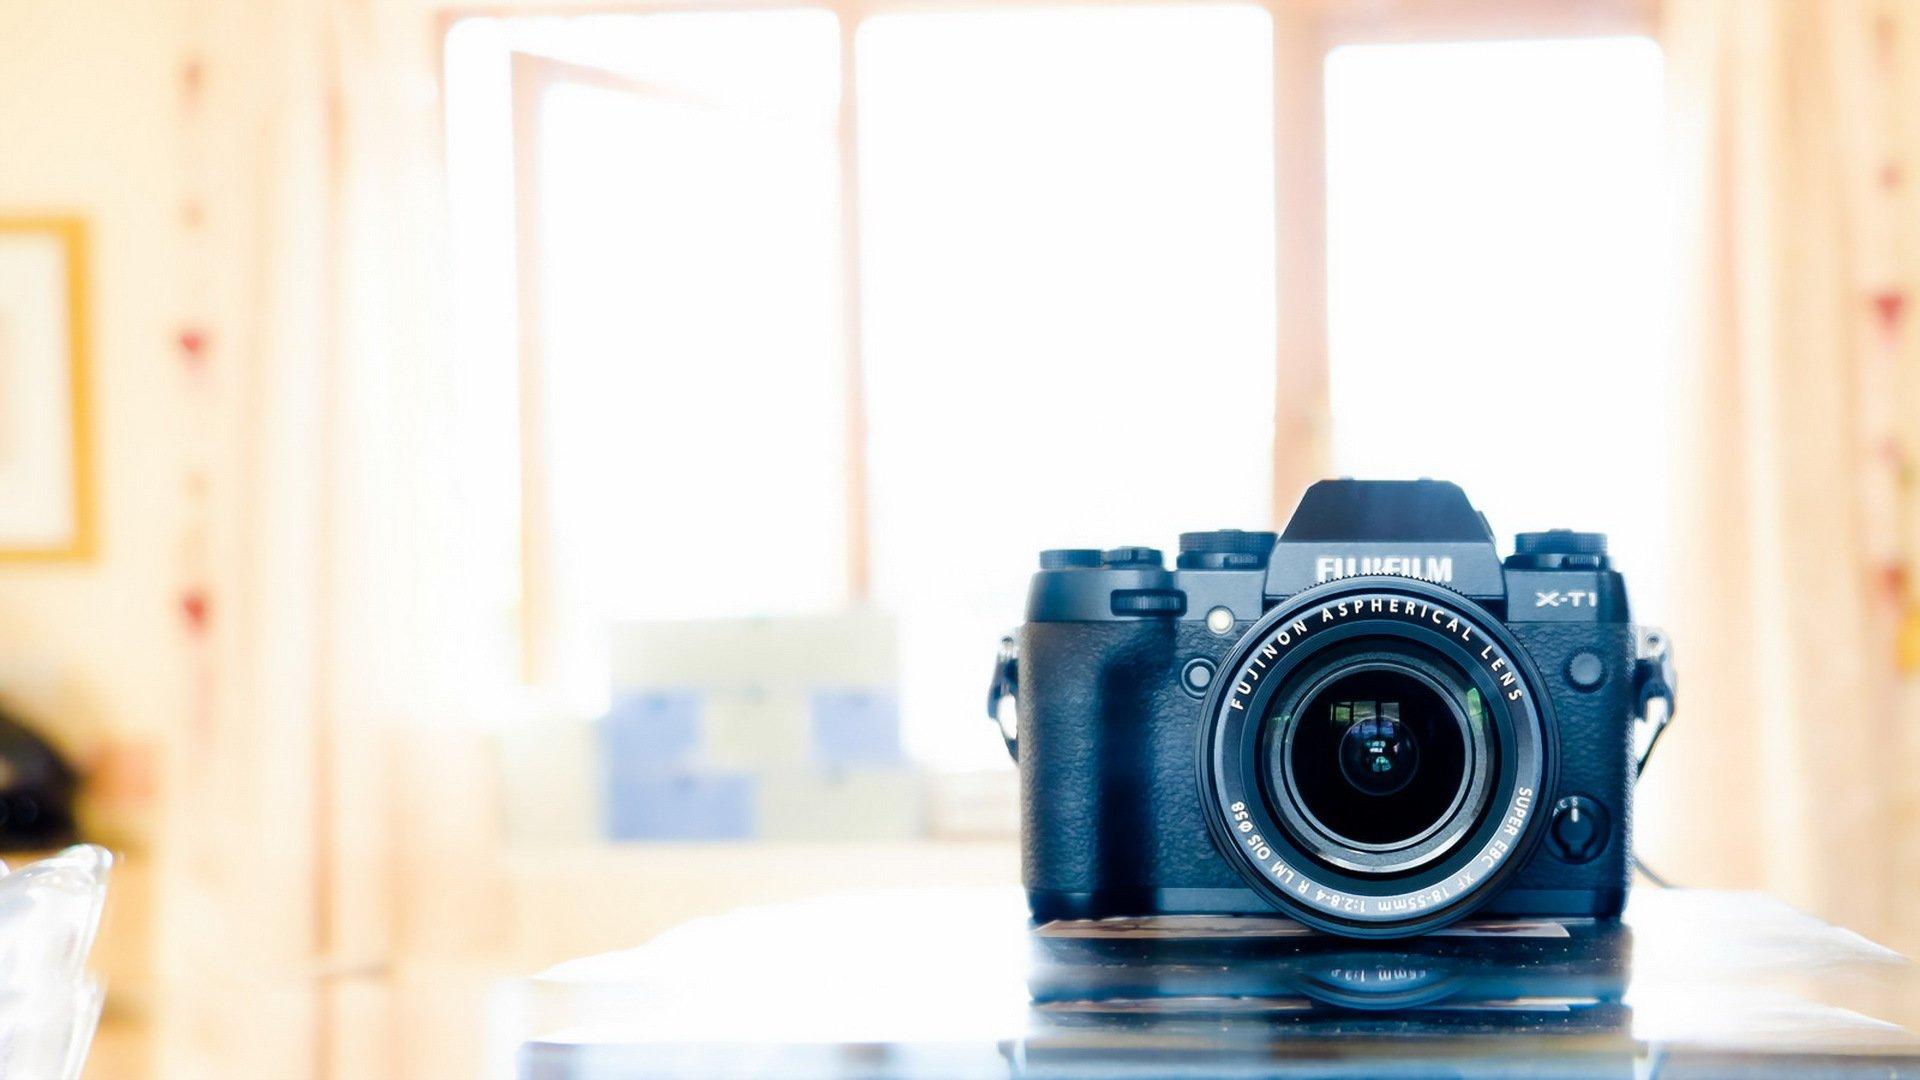 Фотоаппарат никон как сделать размытый фон